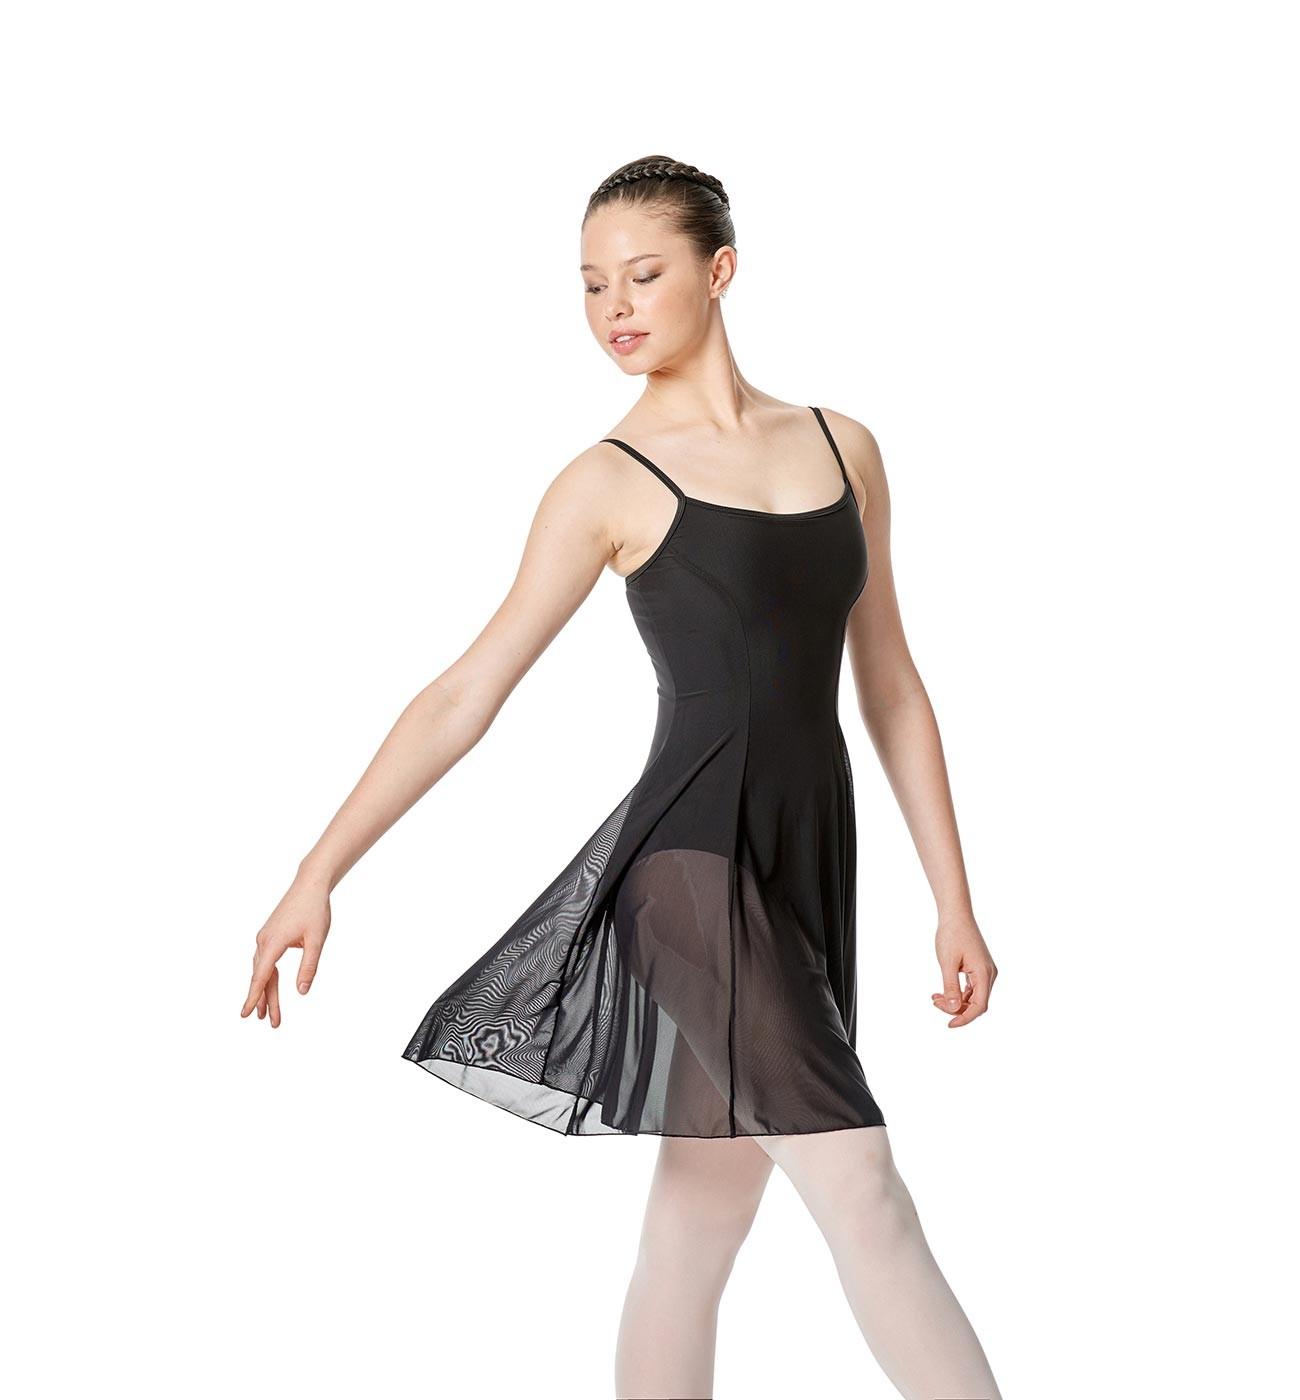 שחור שמלת בלט Natalie של Lulli עם שמלת רשת שקופה LUB255